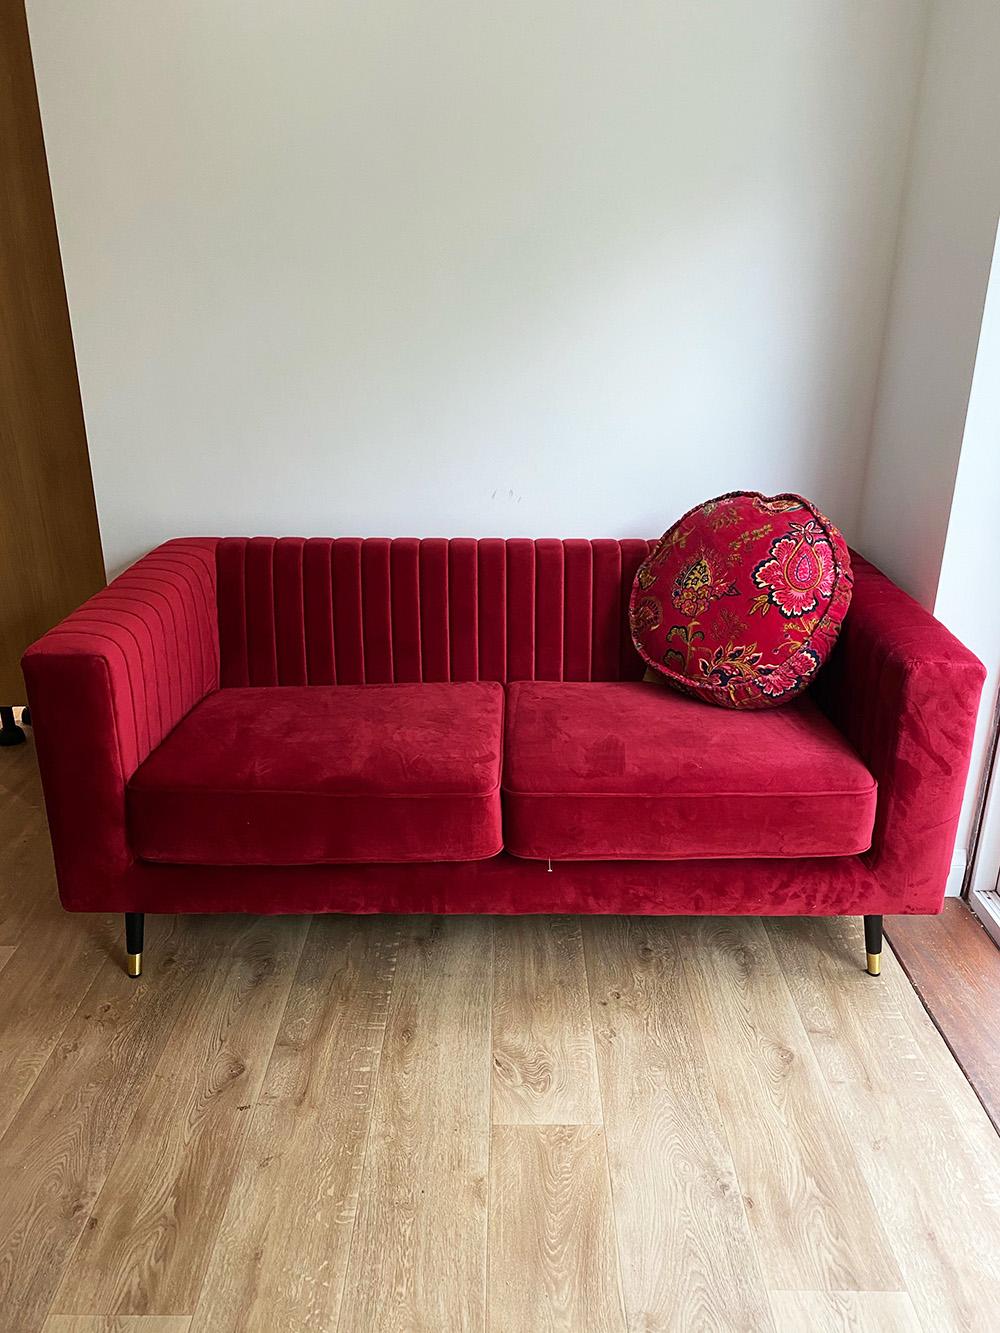 Rotes Sofa Slender in einer gemütlichen Wohnung